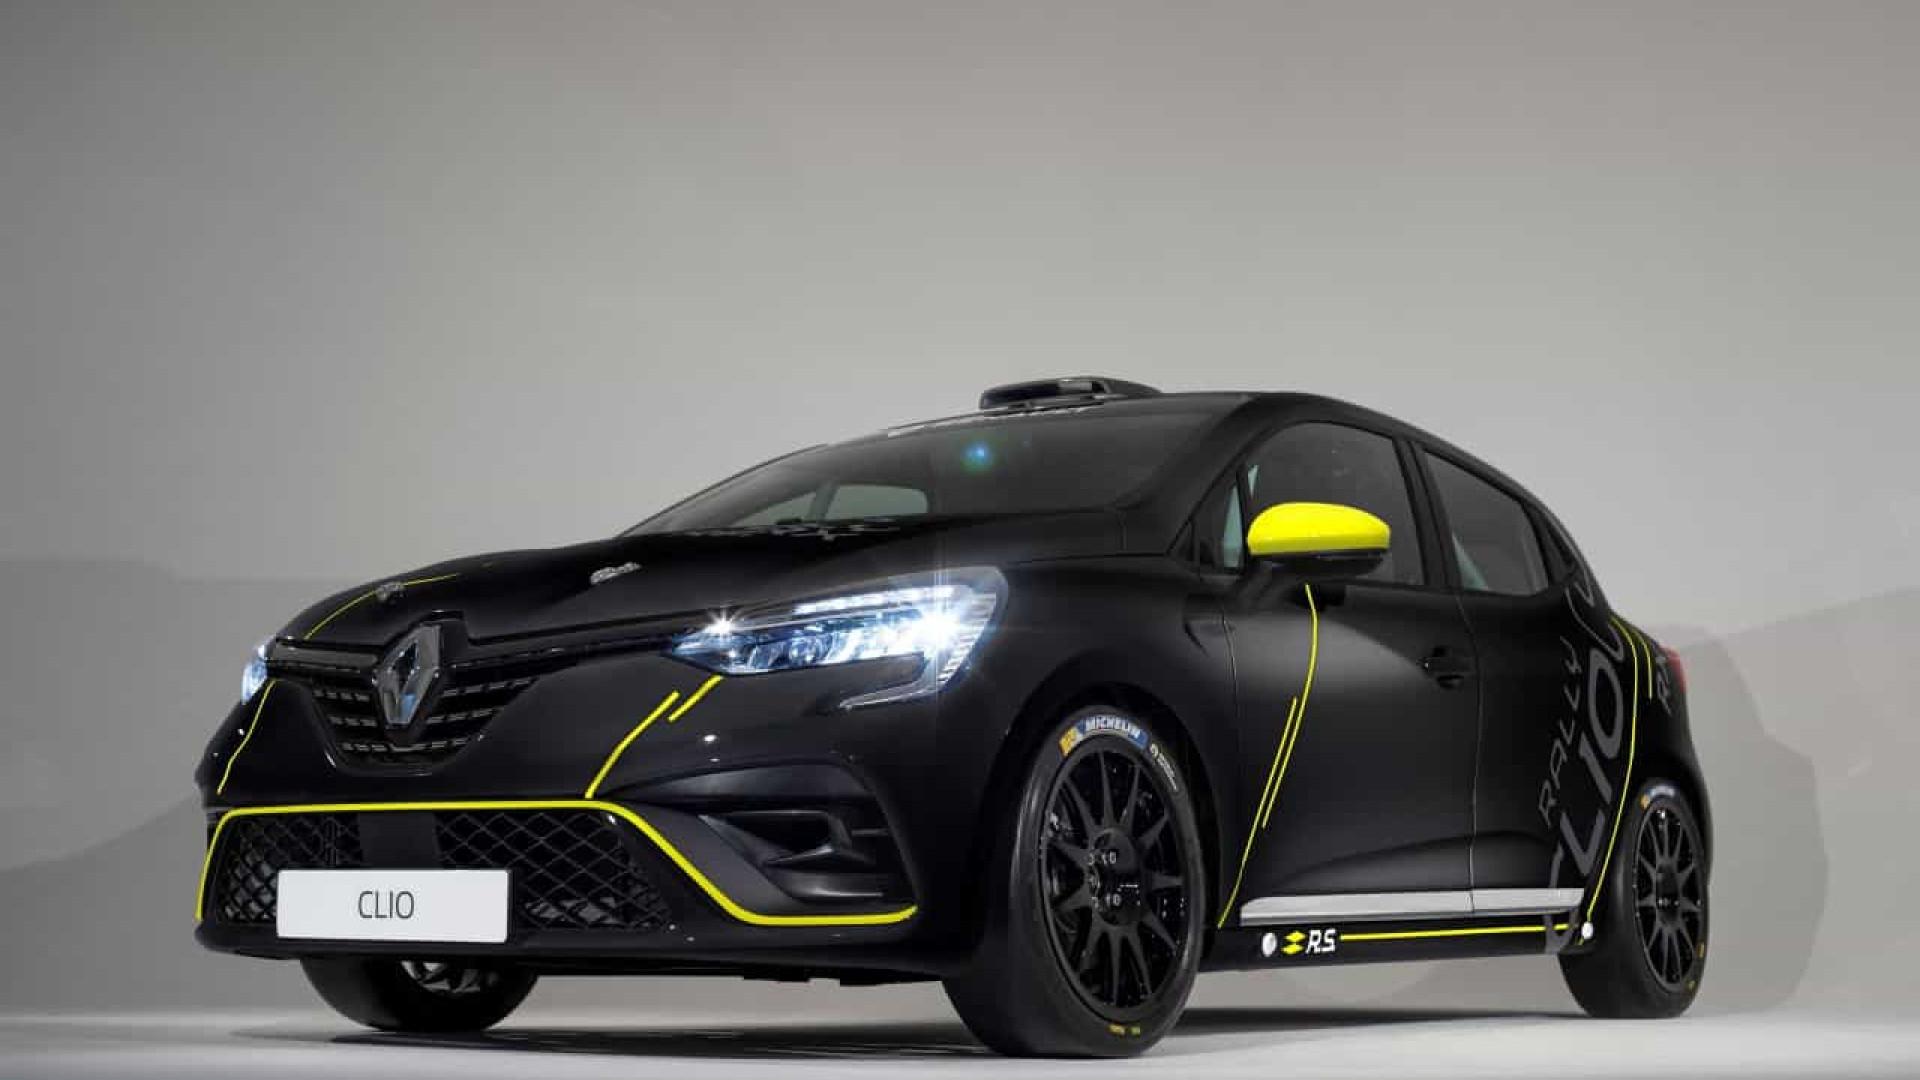 Renault Revelou O Novo Clio Sport